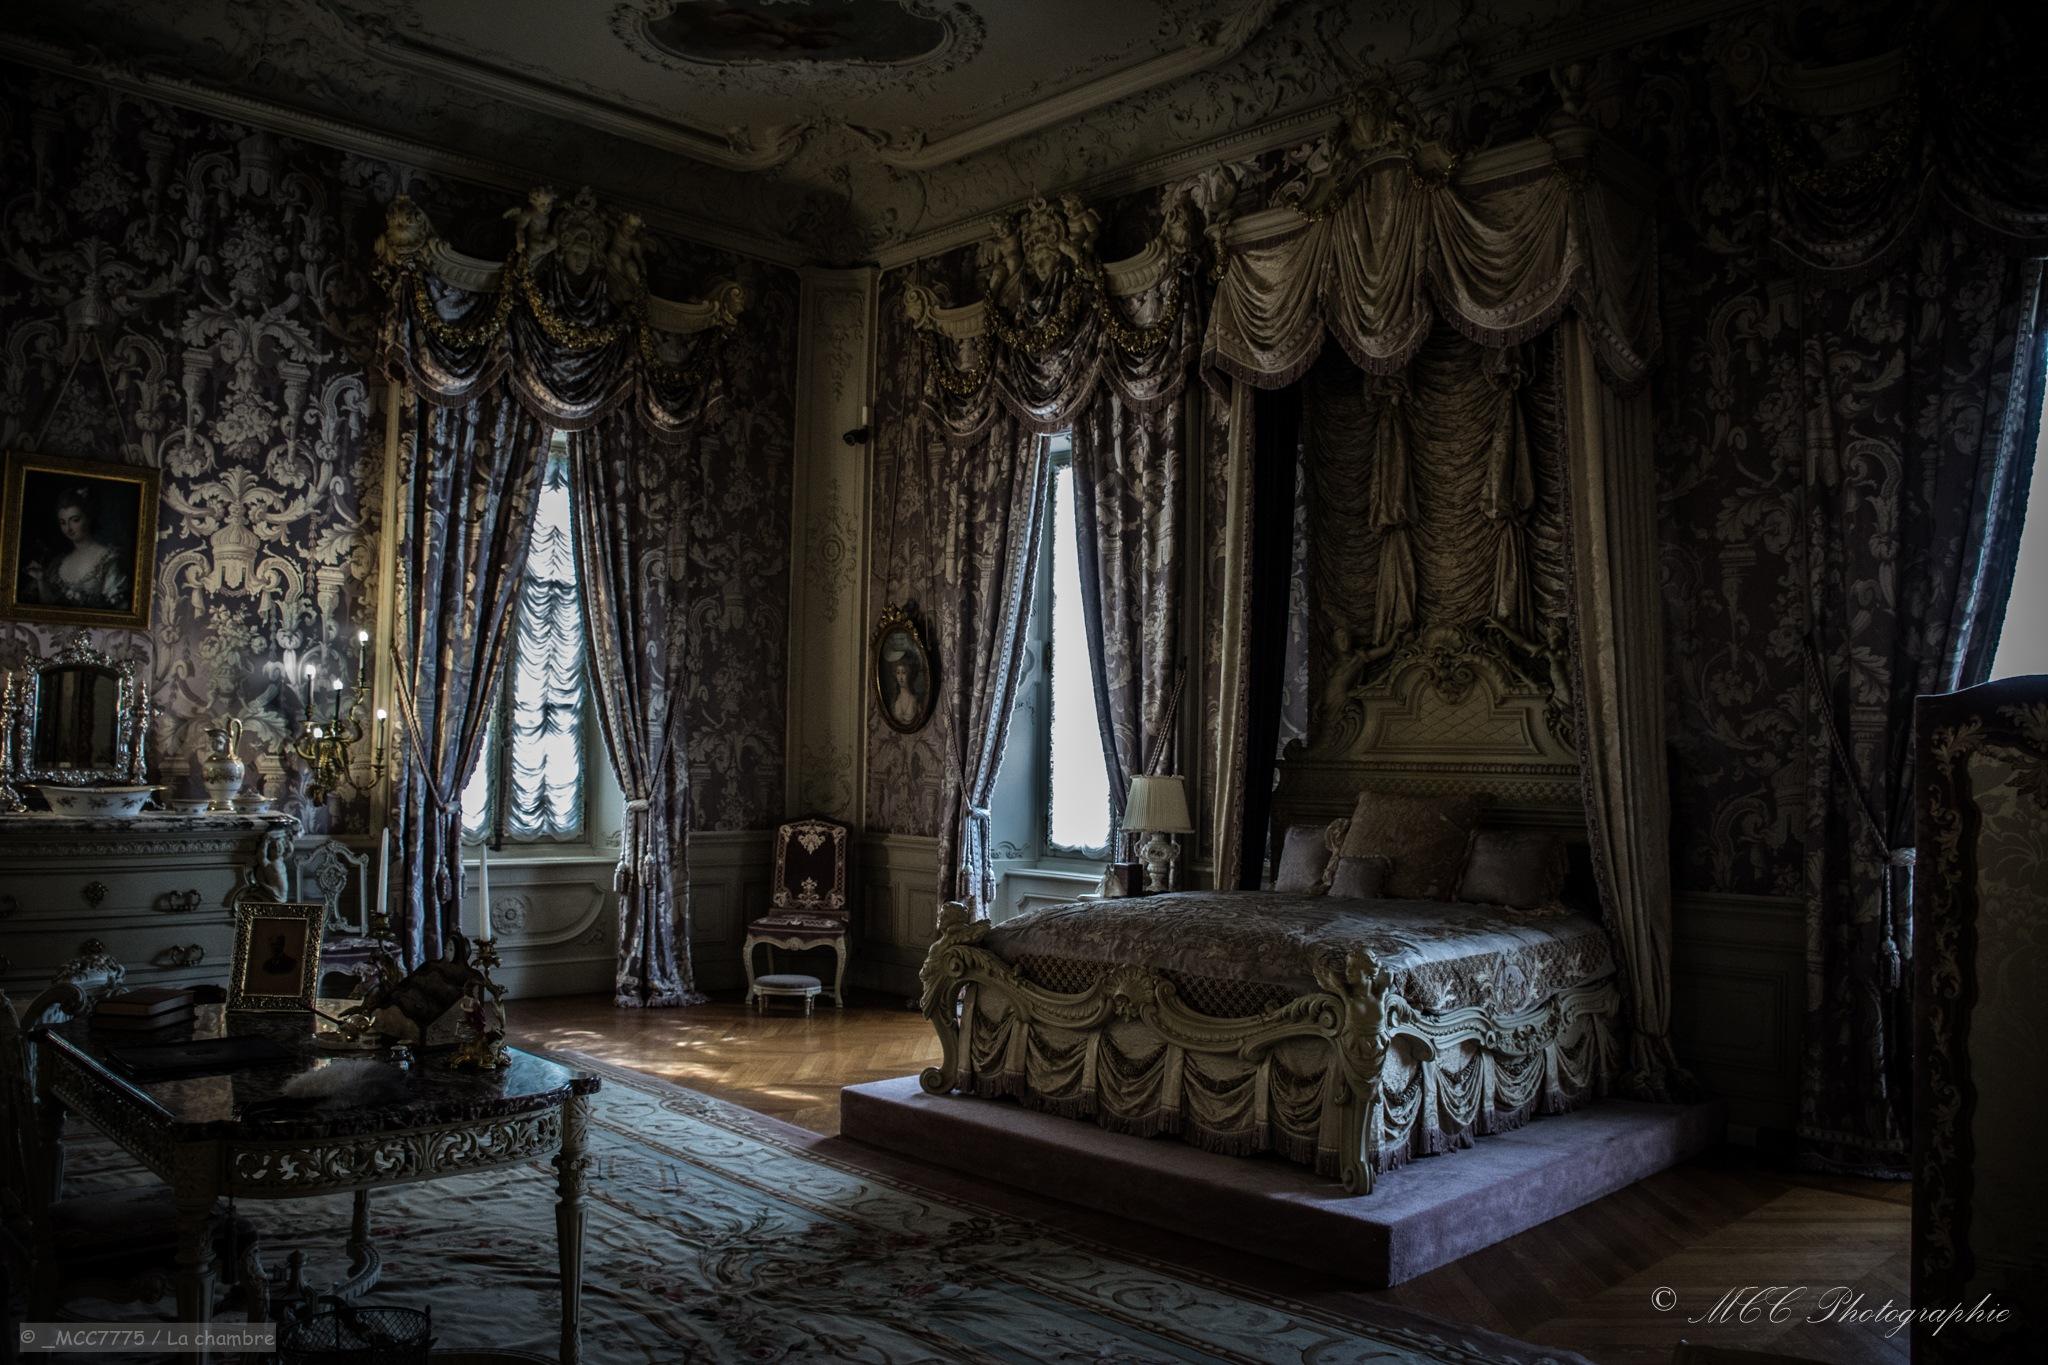 La chambre by Marie-Claude Caouette